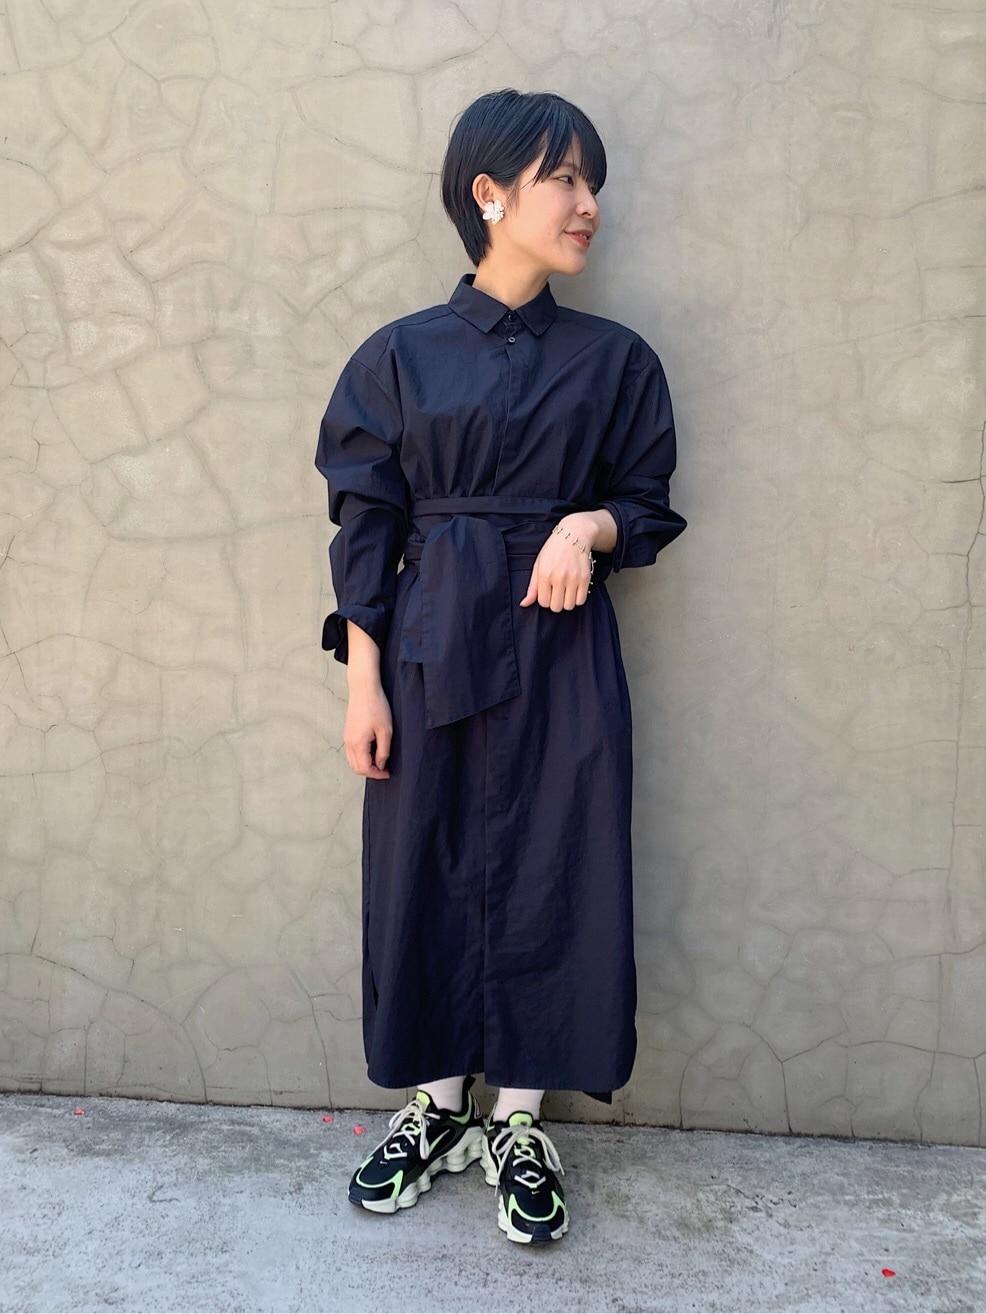 福岡薬院路面 2020.03.12